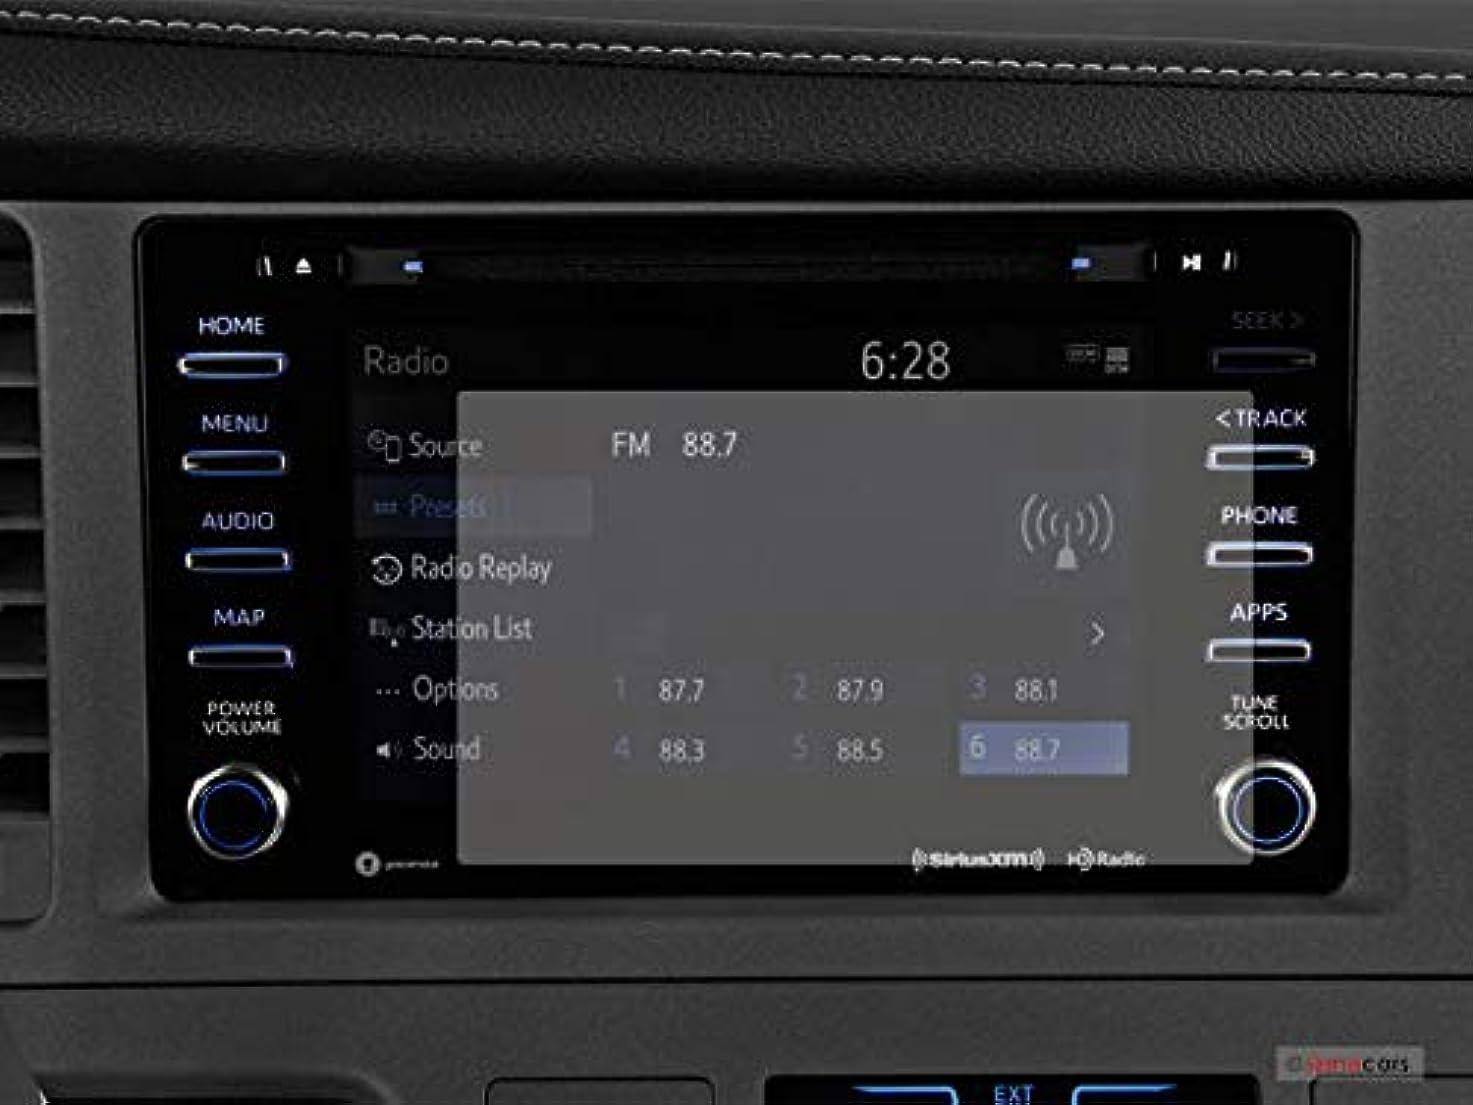 ルビー予測刺すPcProfessional スクリーンプロテクター (2枚セット) 2019 トヨタ RAV4 CH-R CHR カローラ ハッチバック シエナ 8インチ Entune インフォテーション タッチスクリーン ディスプレイ 高解像度 傷防止 フィルター UV